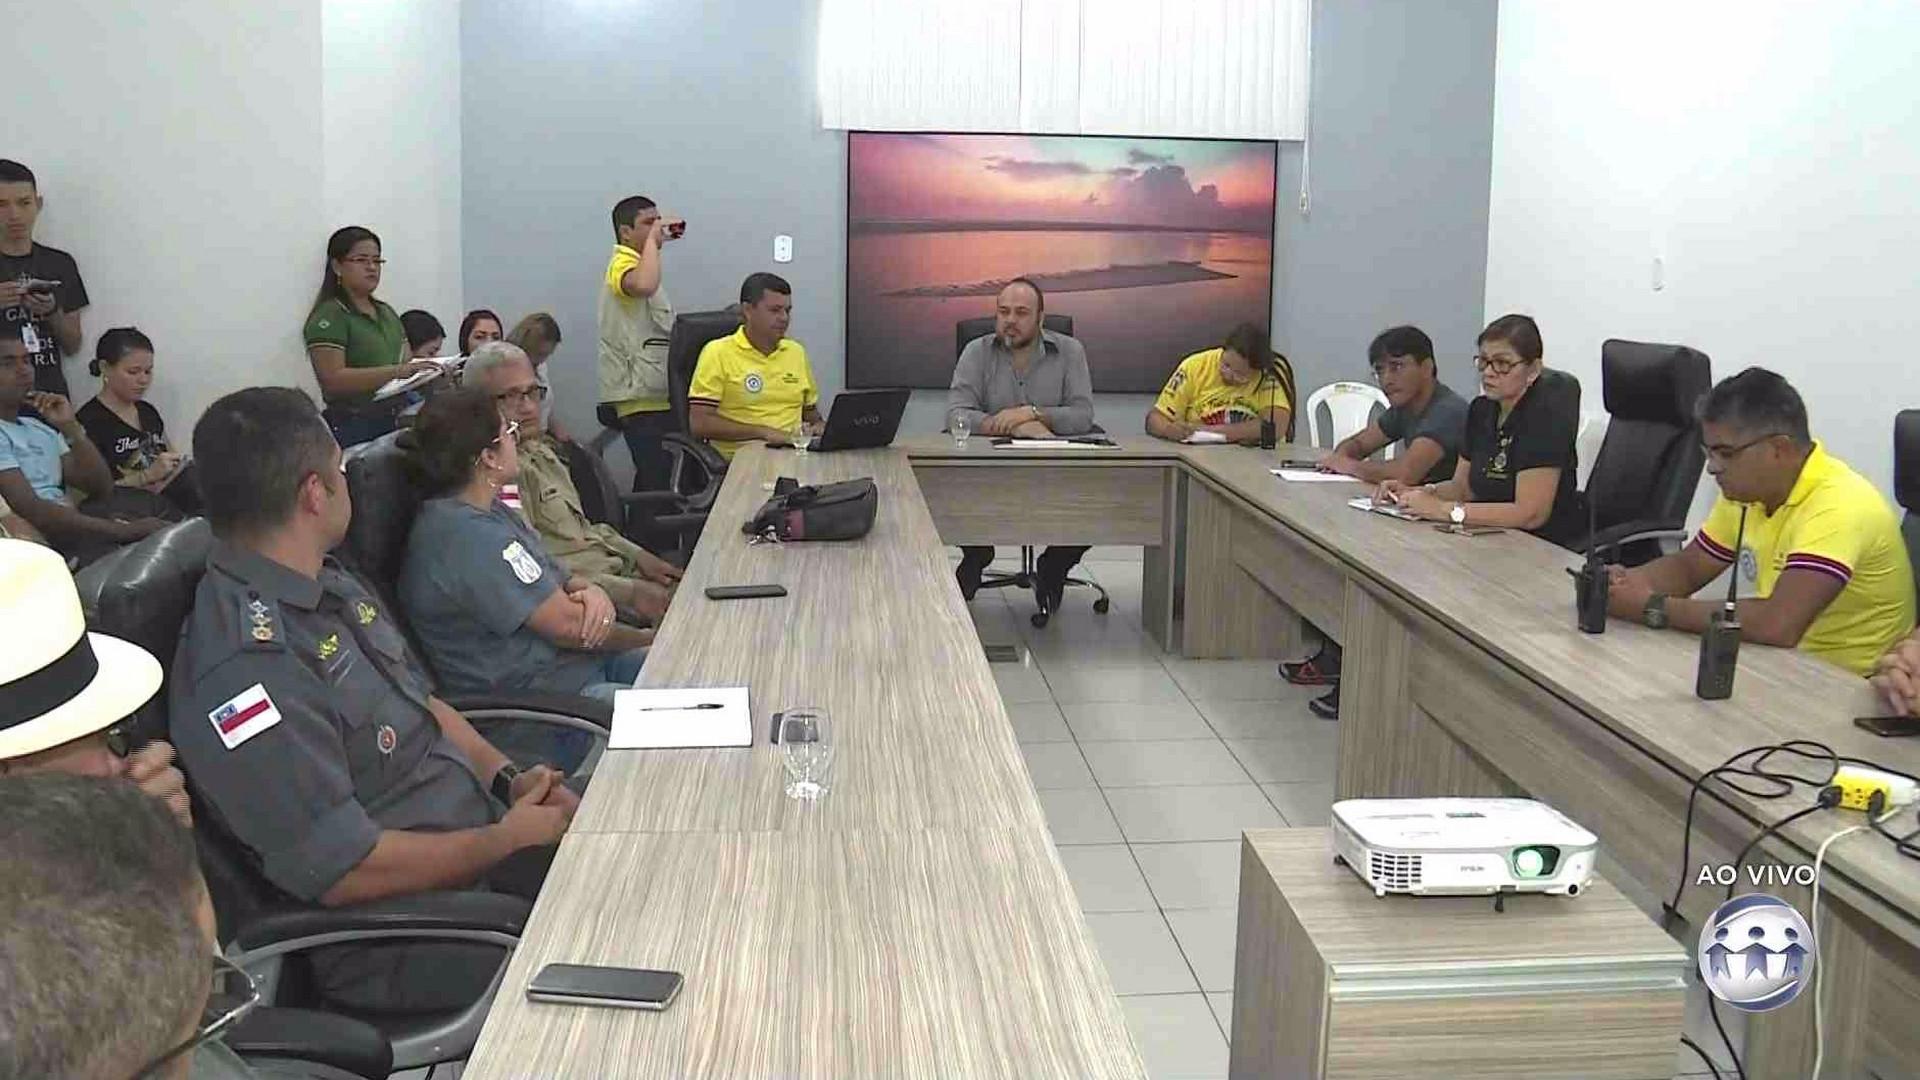 SECRETARIA APRESENTA PLANO DE SEGURANÇA PARA O FESTIVAL DE PARINTINS - Alô Amazonas - 27/06/17